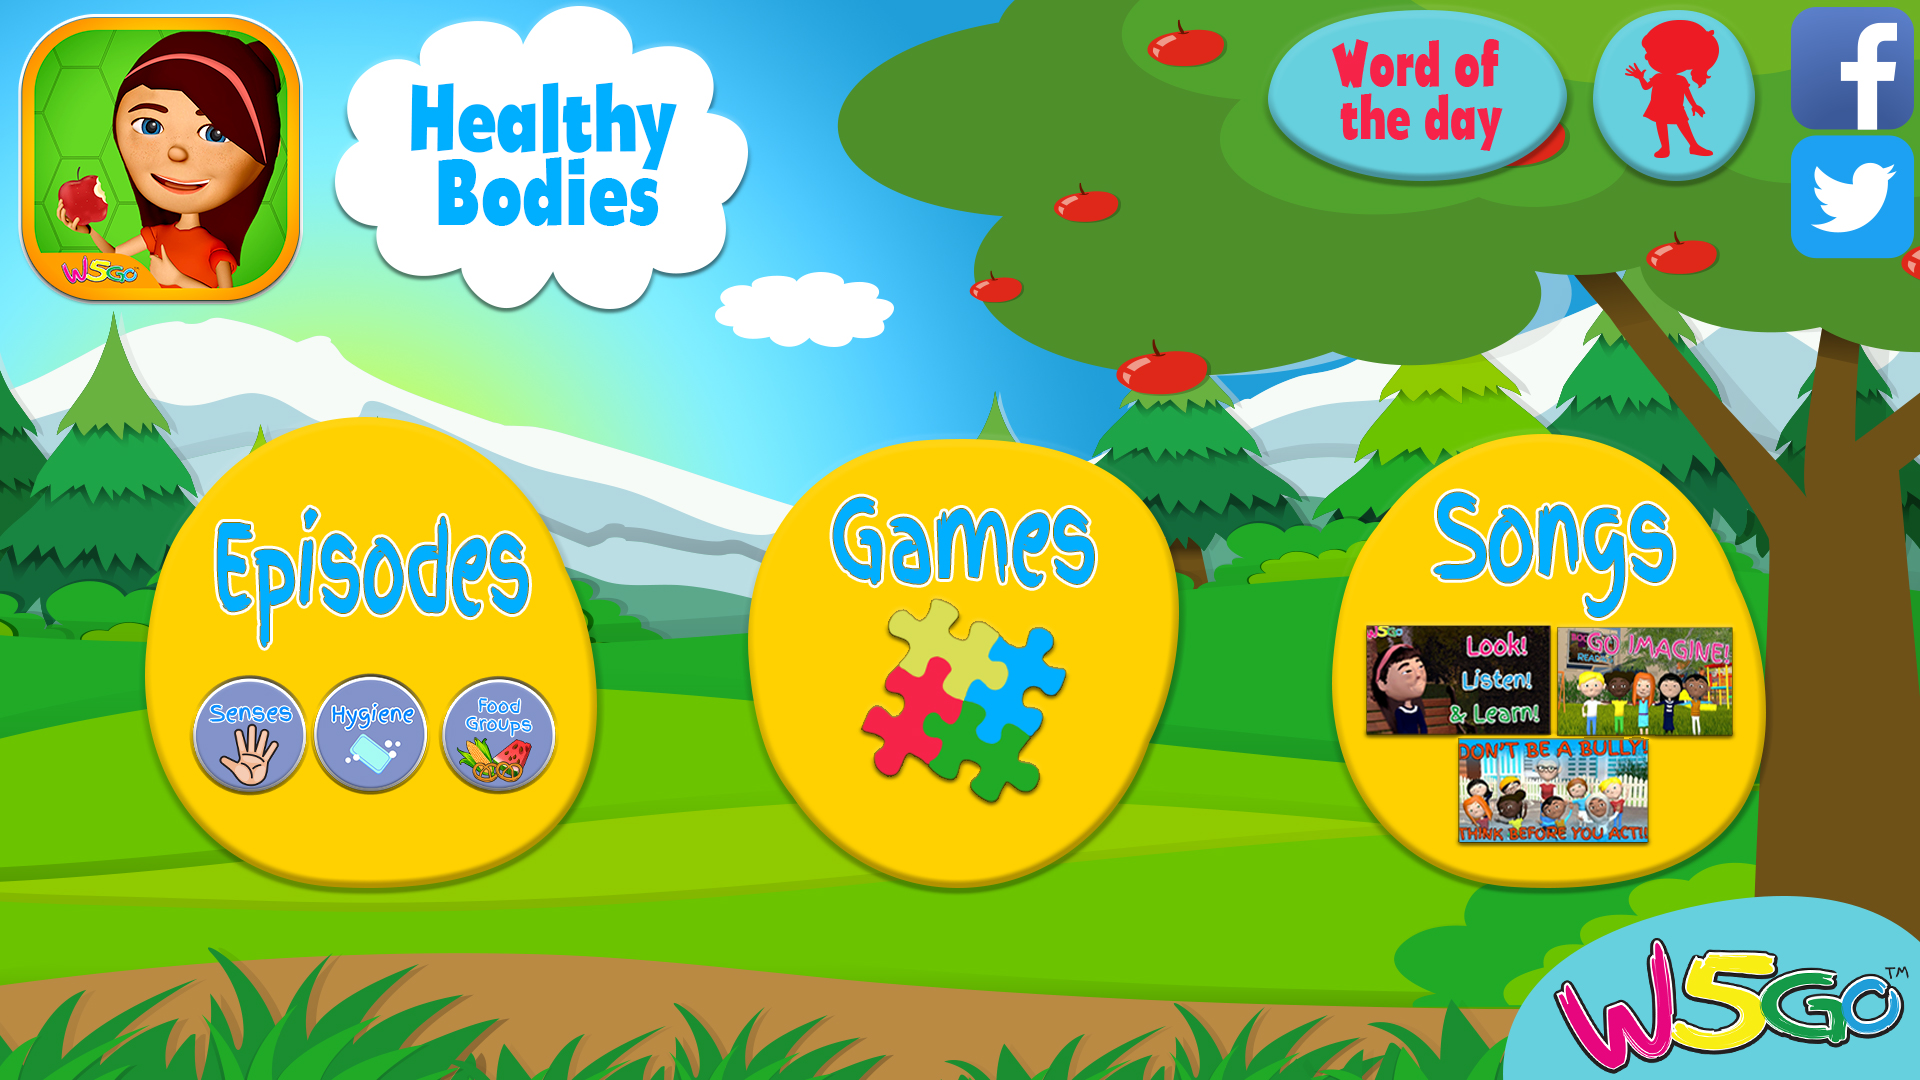 healthybodies_menu